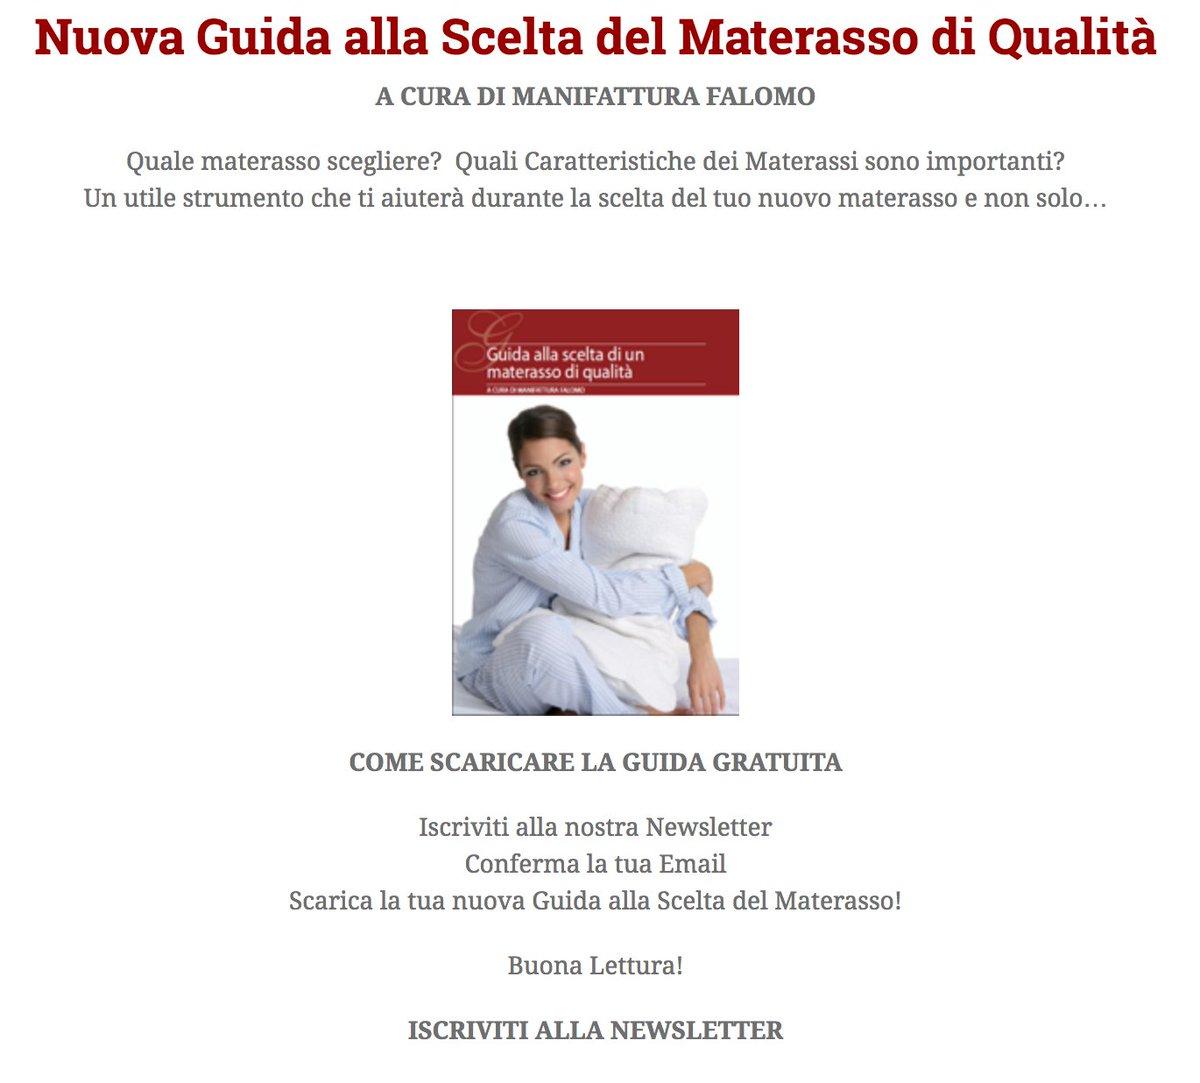 La Scelta Del Materasso.Il Sanodormire On Twitter Nuova Guida Alla Scelta Del Materasso